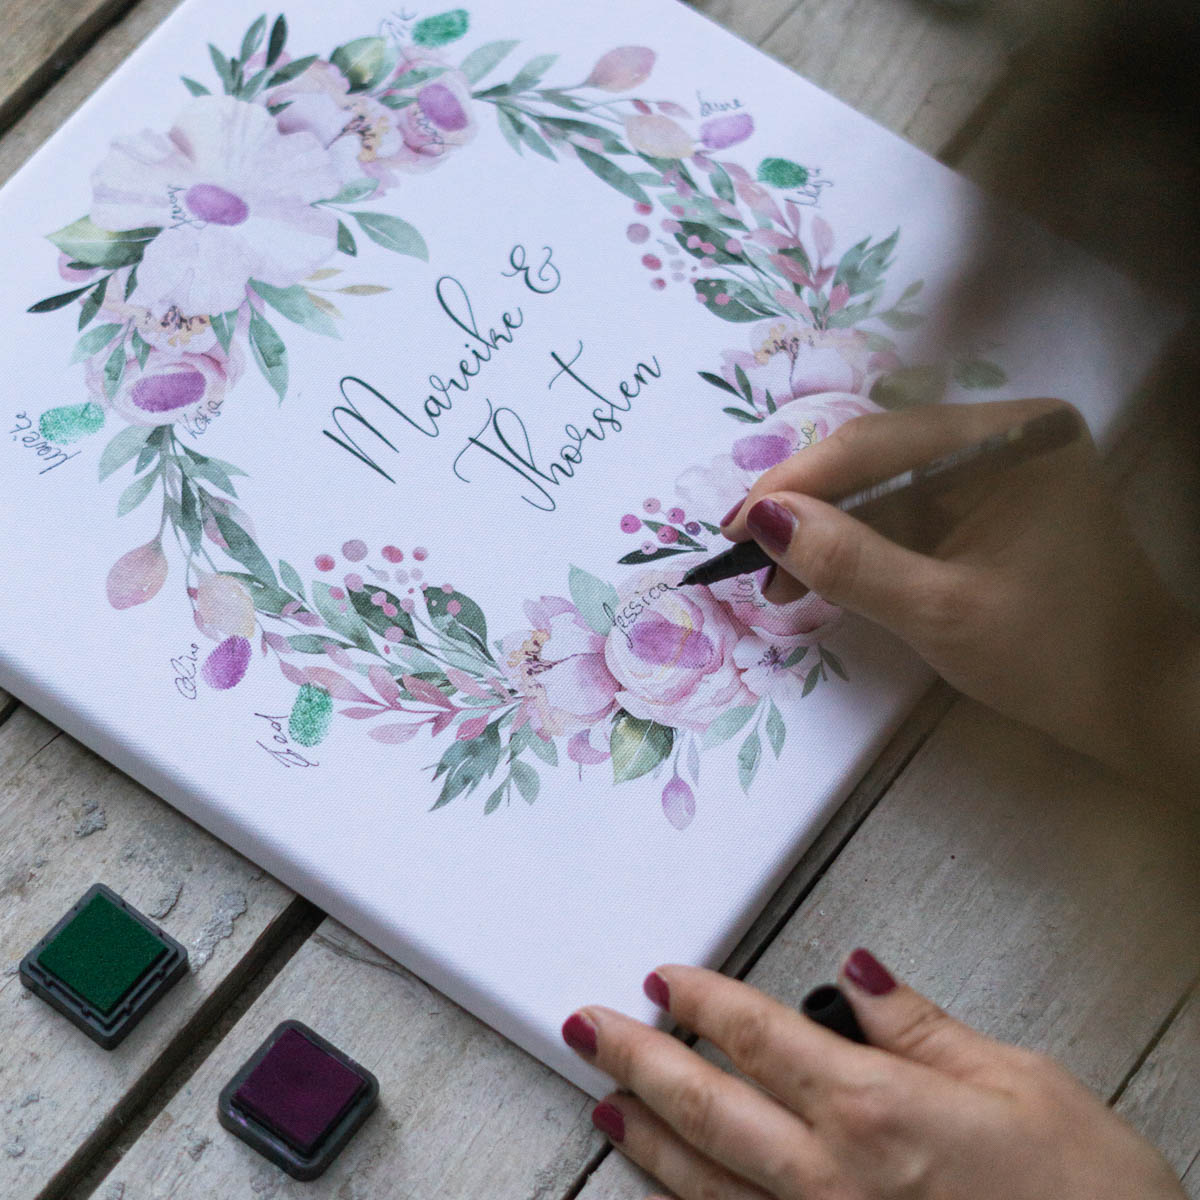 Gästebuch Fingerabdruck Leinwand Idee für die kleine standesamtliche Hochzeit